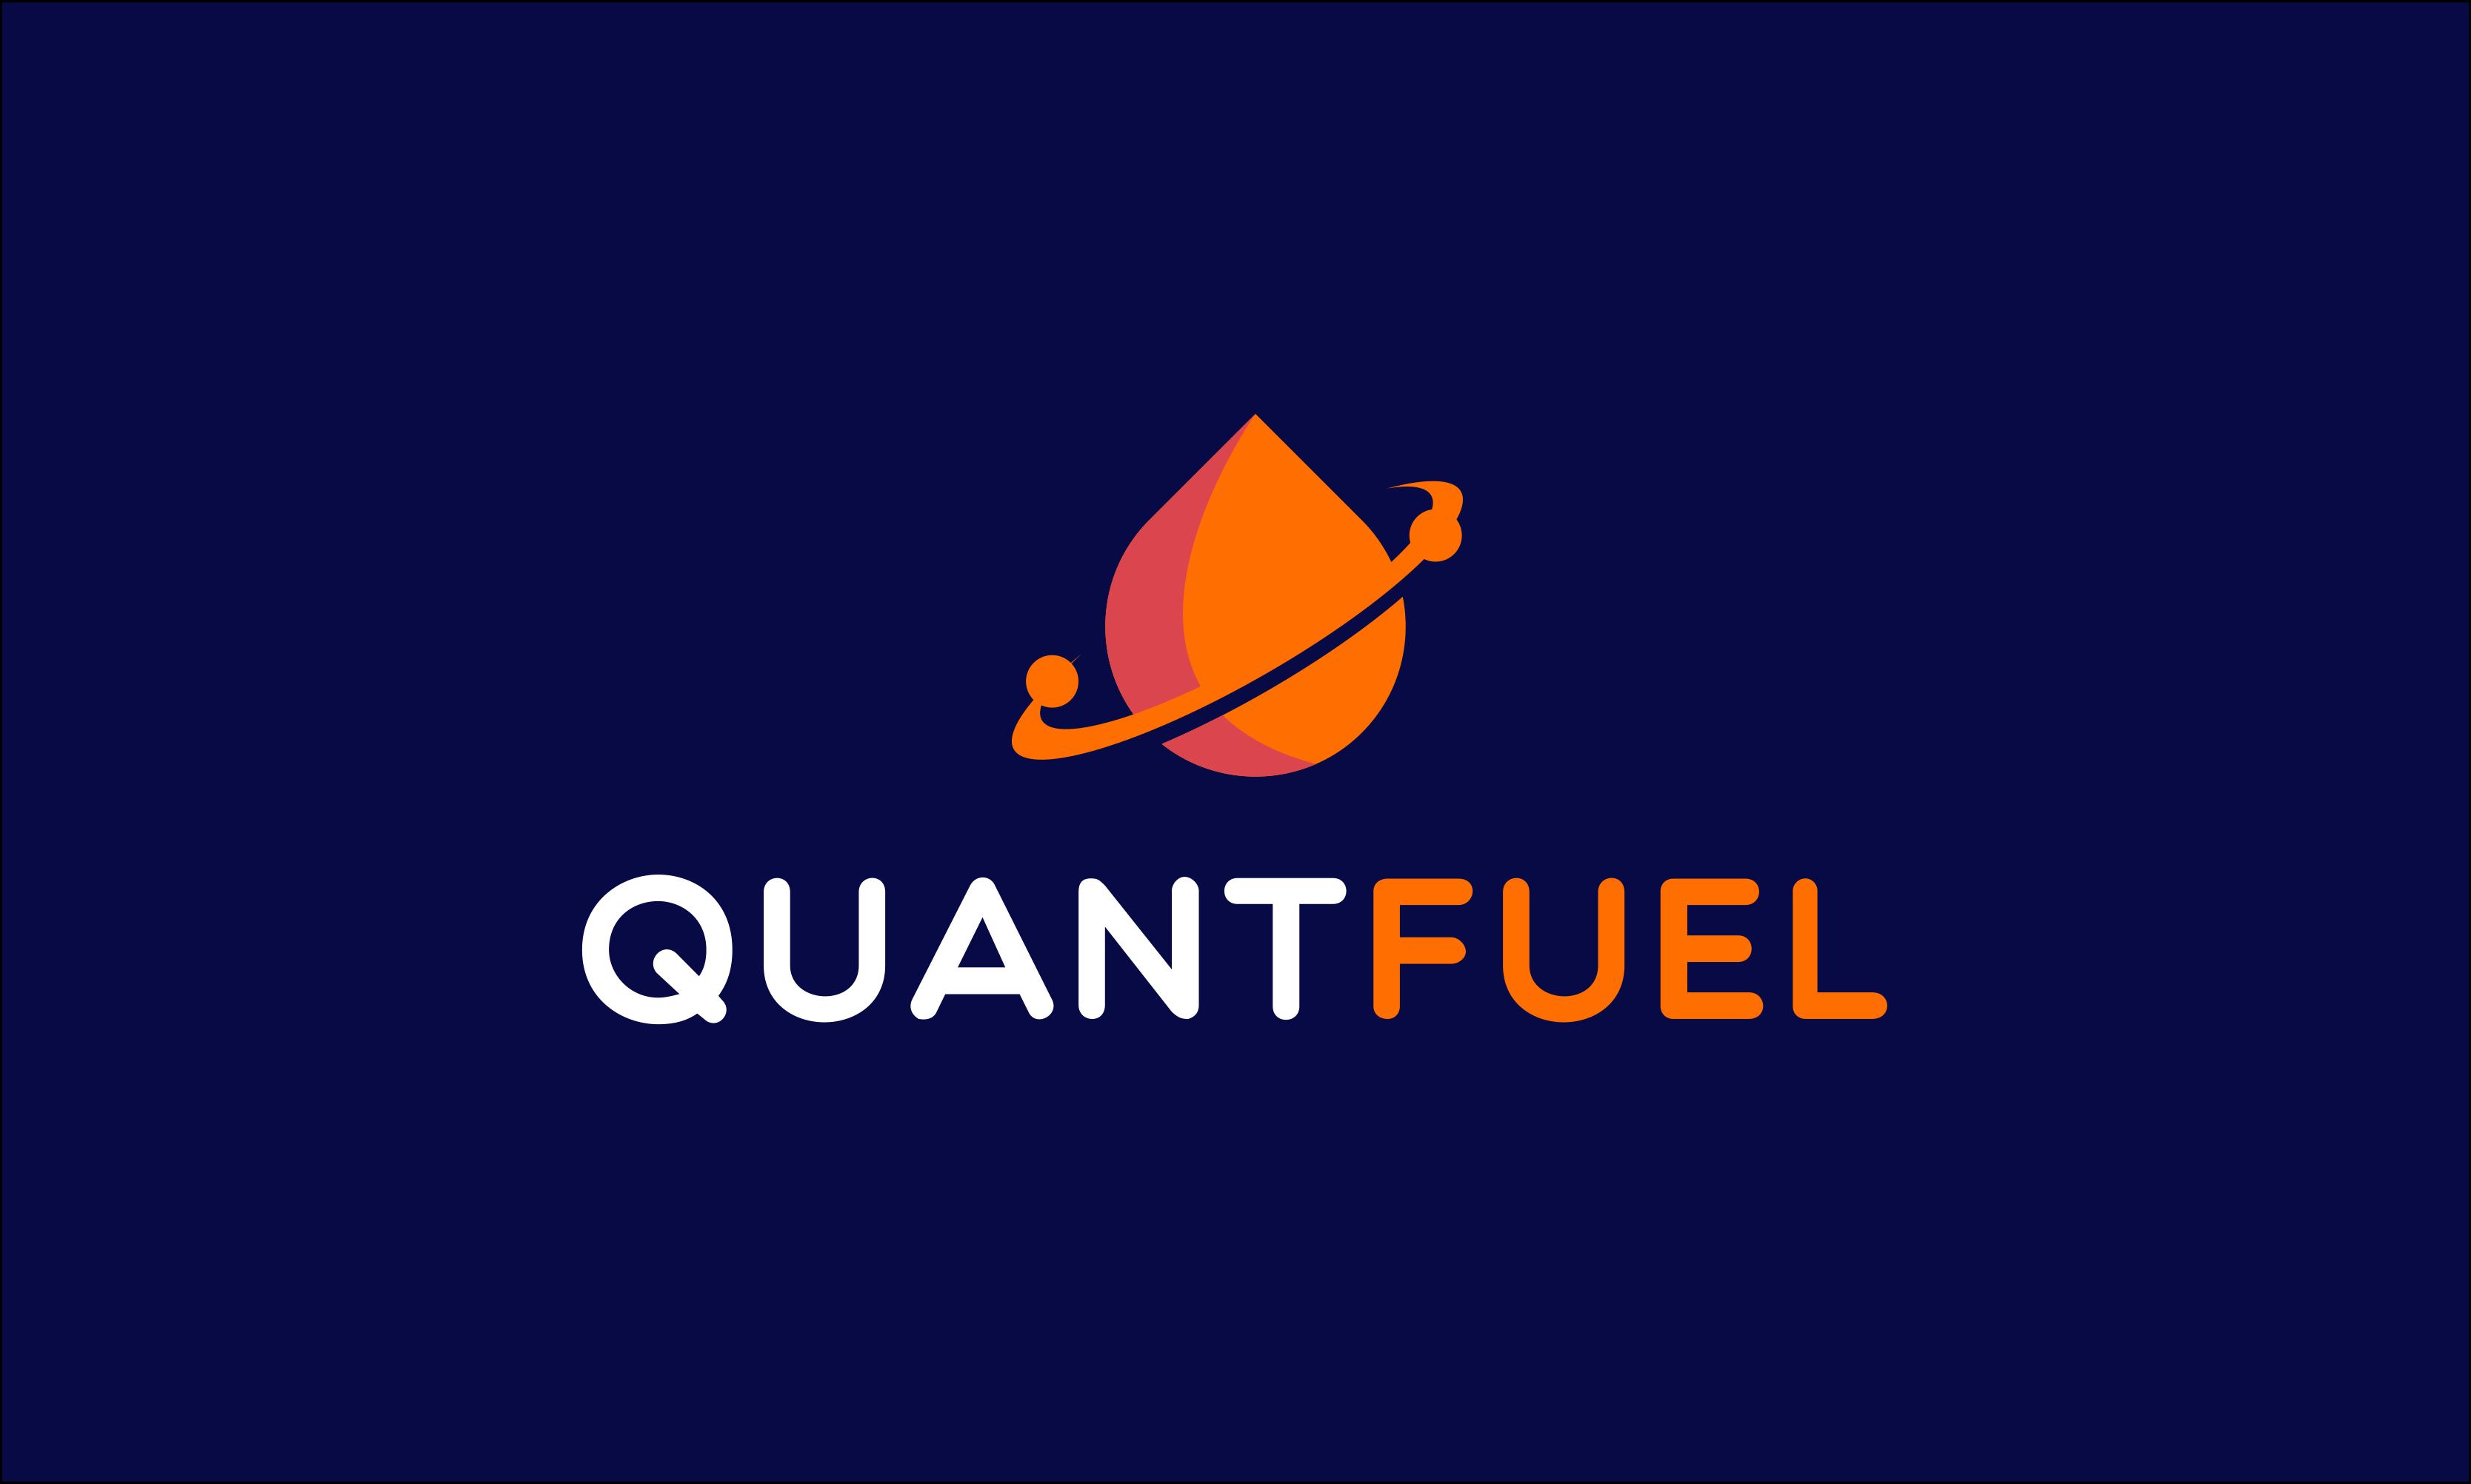 Quantfuel